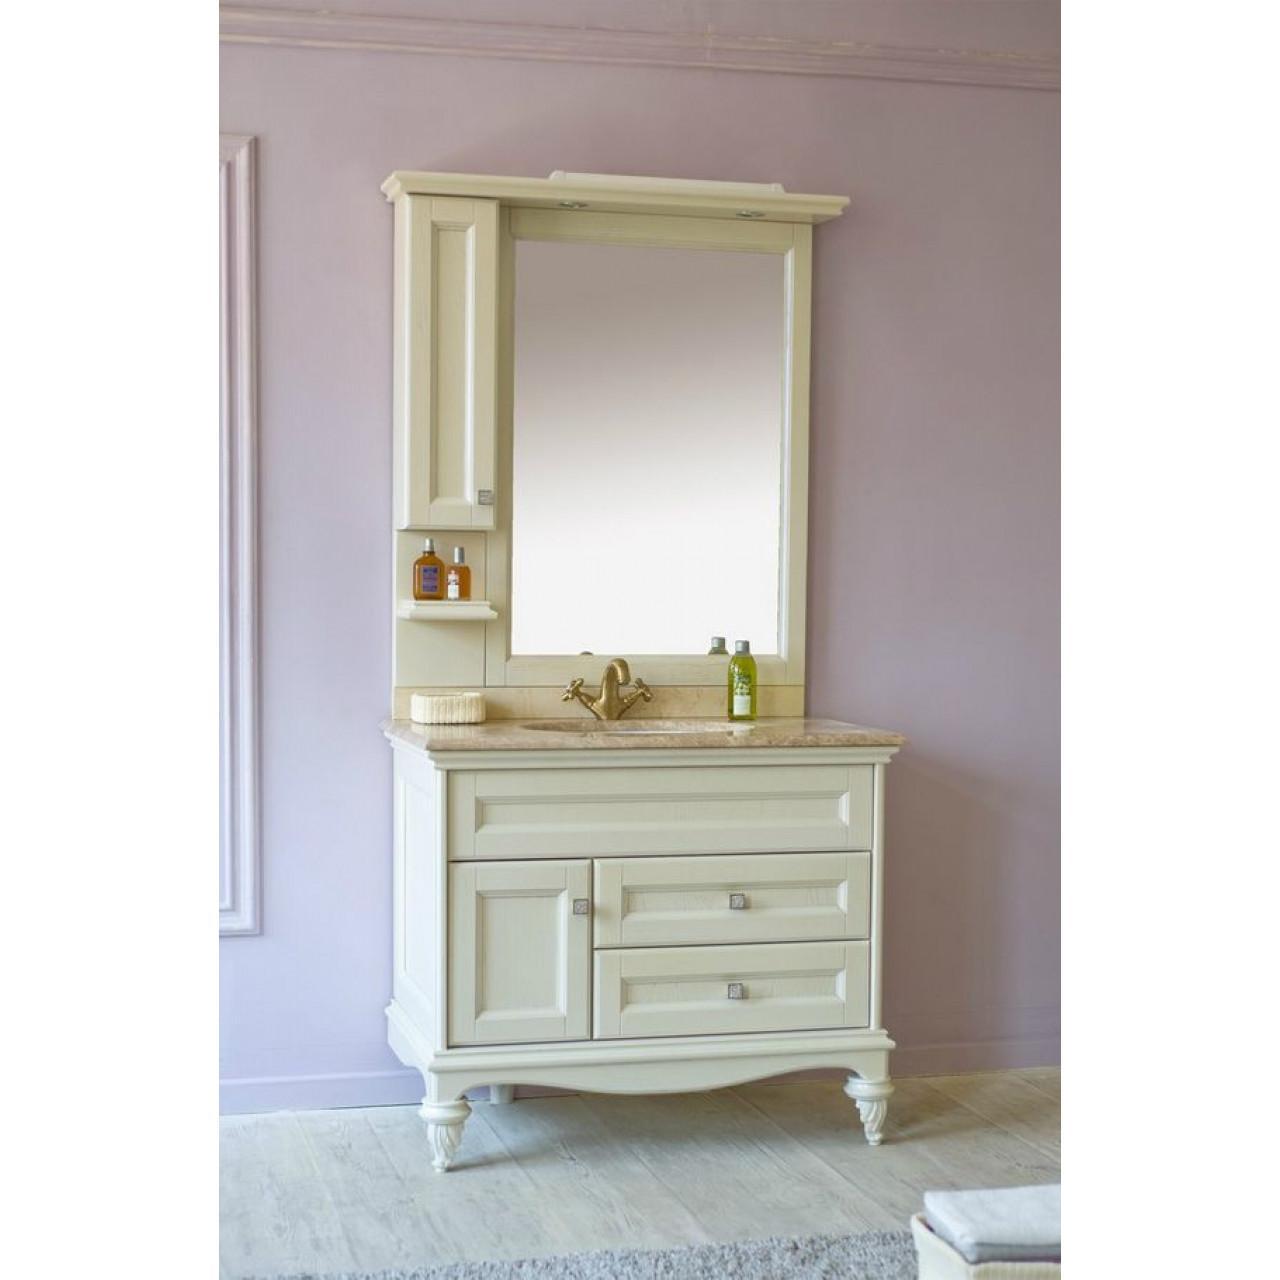 Комплект мебели Аллигатор Вито 100L (D) купить в Москве по цене от 160200р. в интернет-магазине mebel-v-vannu.ru